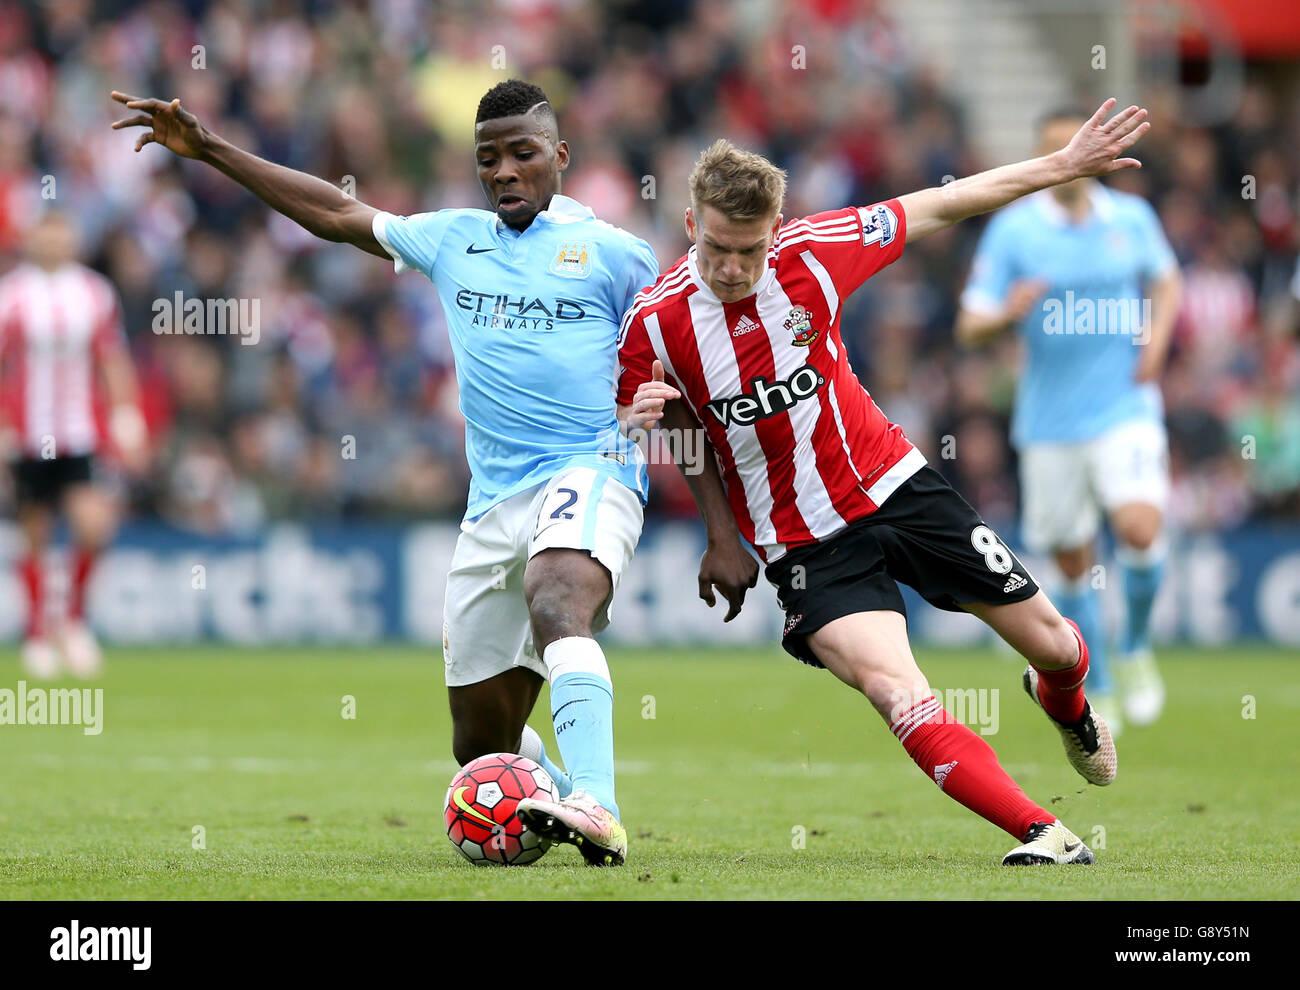 Southampton V Manchester City - Barclays Premier League - St Marys Stockbild